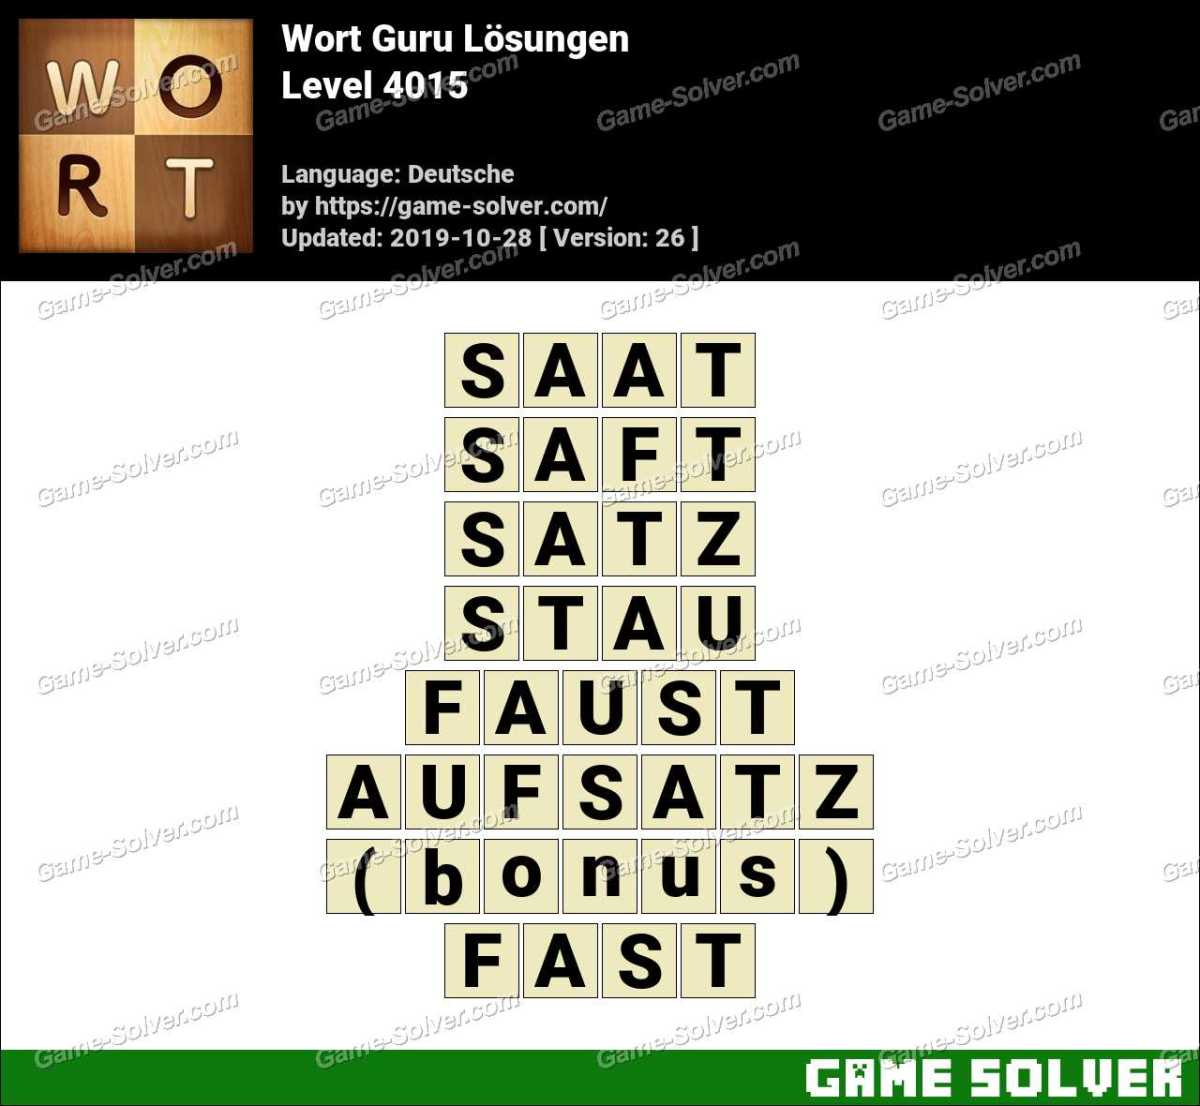 Wort Guru Level 4015 Lösungen